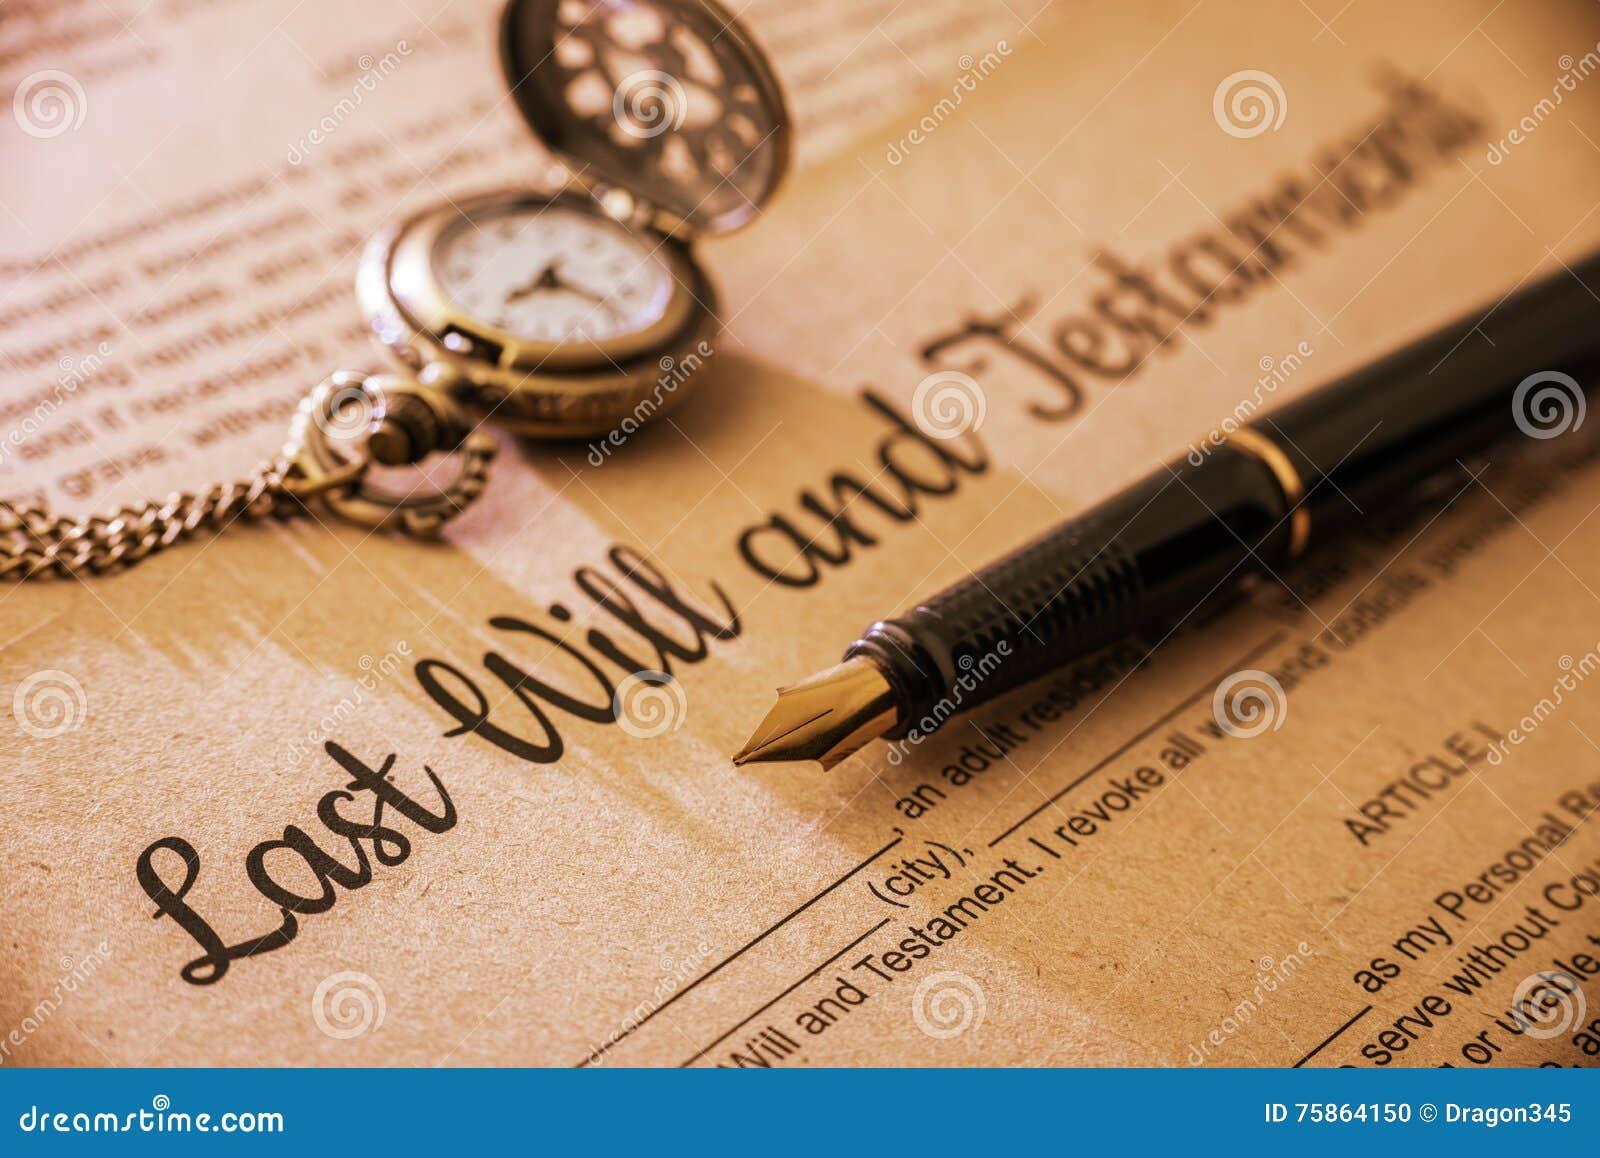 La pluma, un reloj de bolsillo en un último y testamento